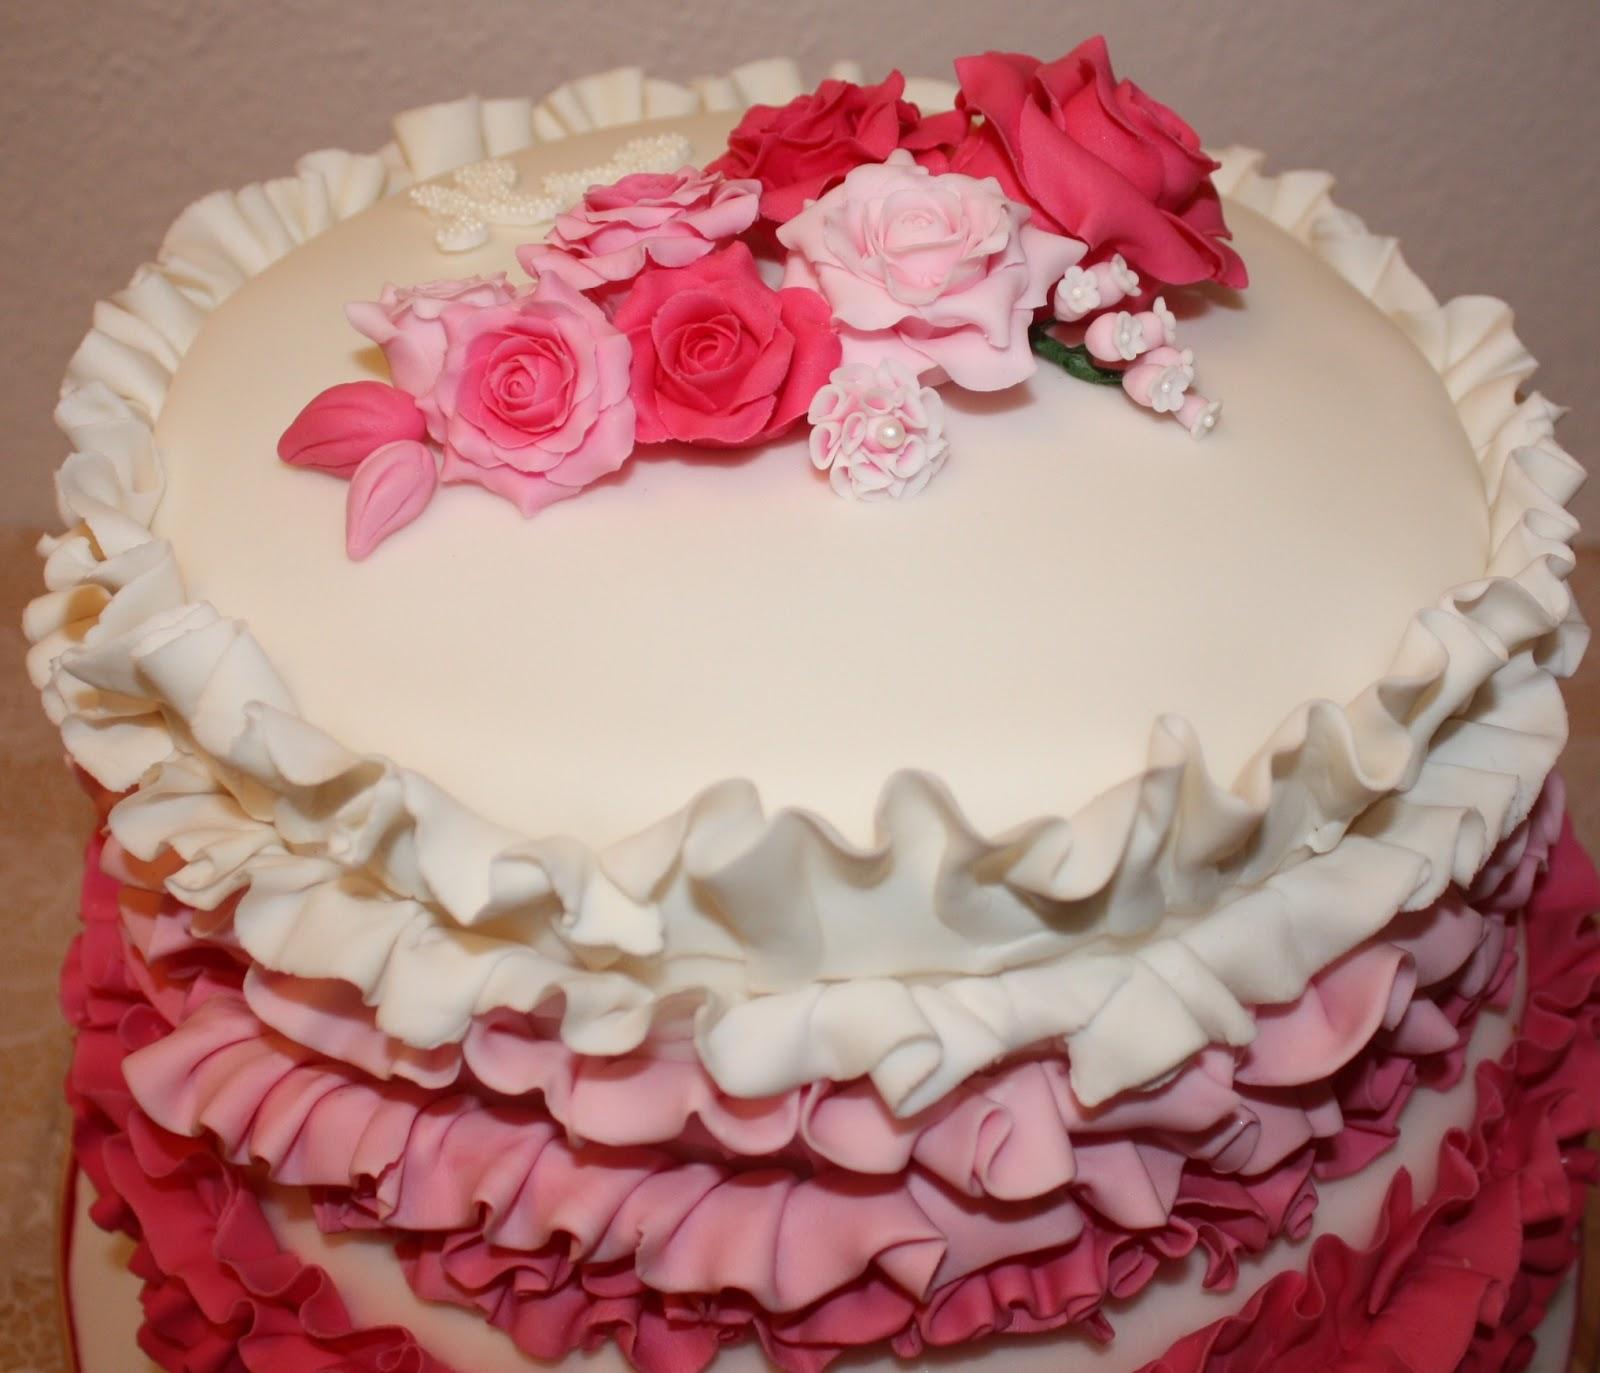 torten t rtchen und amore r schentorte in pink mit rosen. Black Bedroom Furniture Sets. Home Design Ideas